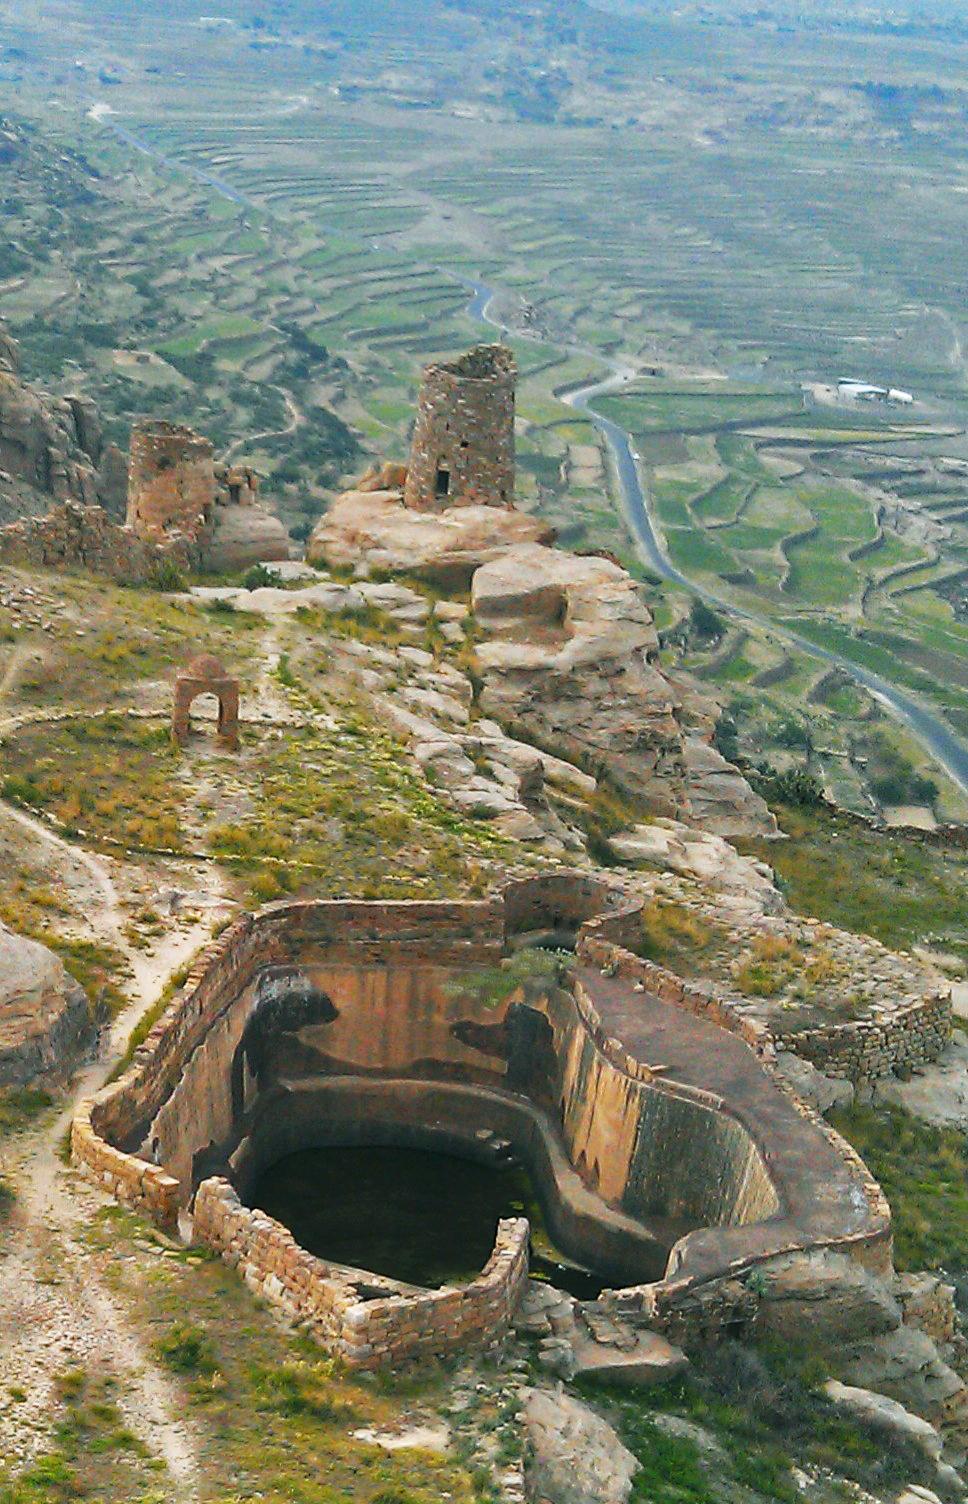 Thula (Yemen) I grandi serbatoi per la conservazione dell'acqua sull'acropoli di Thula, avevano dimensioni sufficienti per fornire acqua ai campi e alle case circostanti anche in caso di assedio